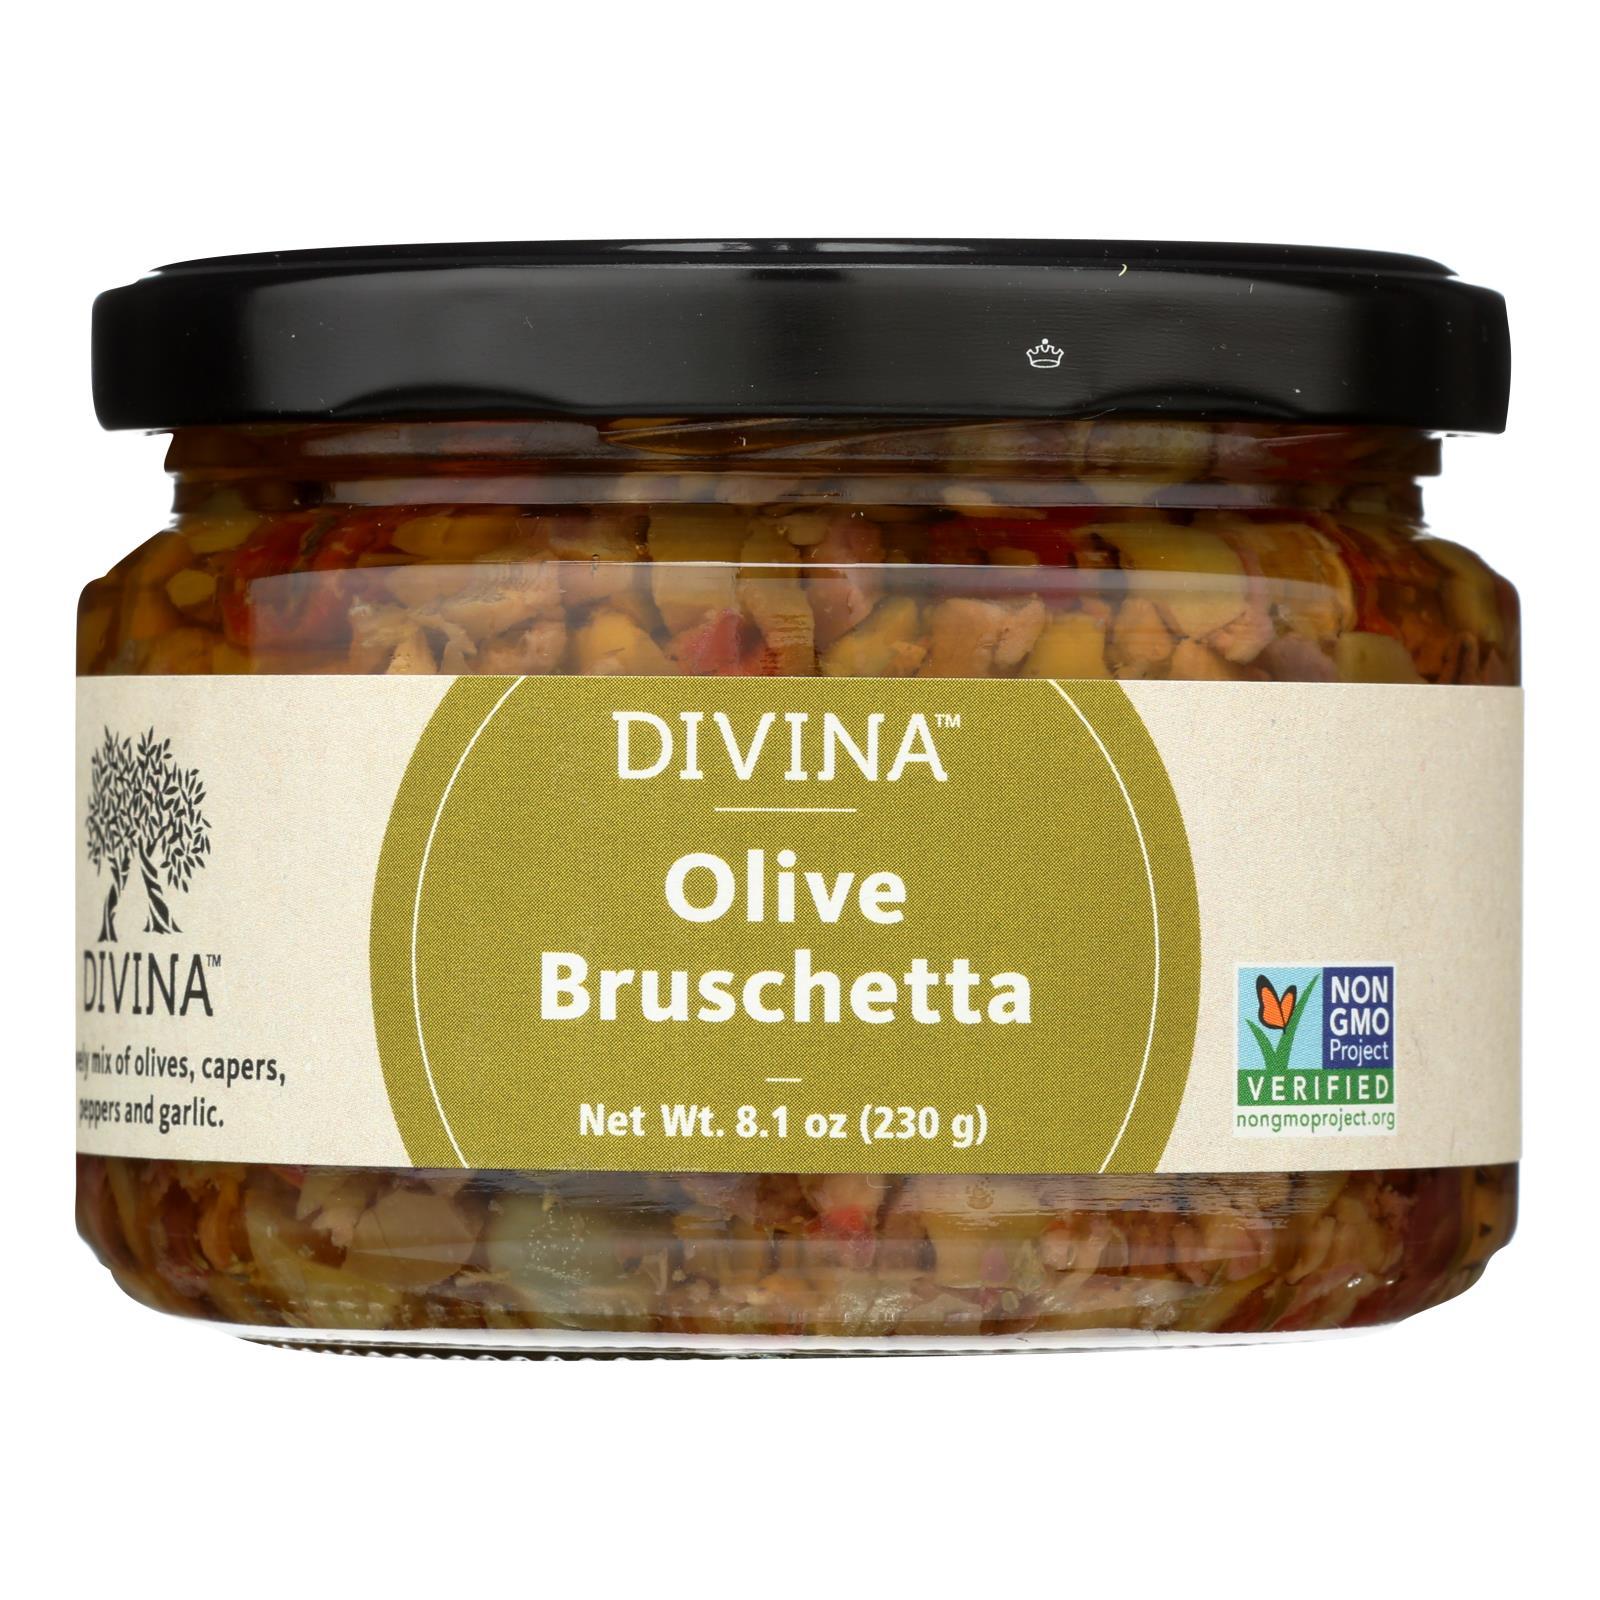 Divina - Olive Bruschetta - Case of 6 - 8.1 oz.